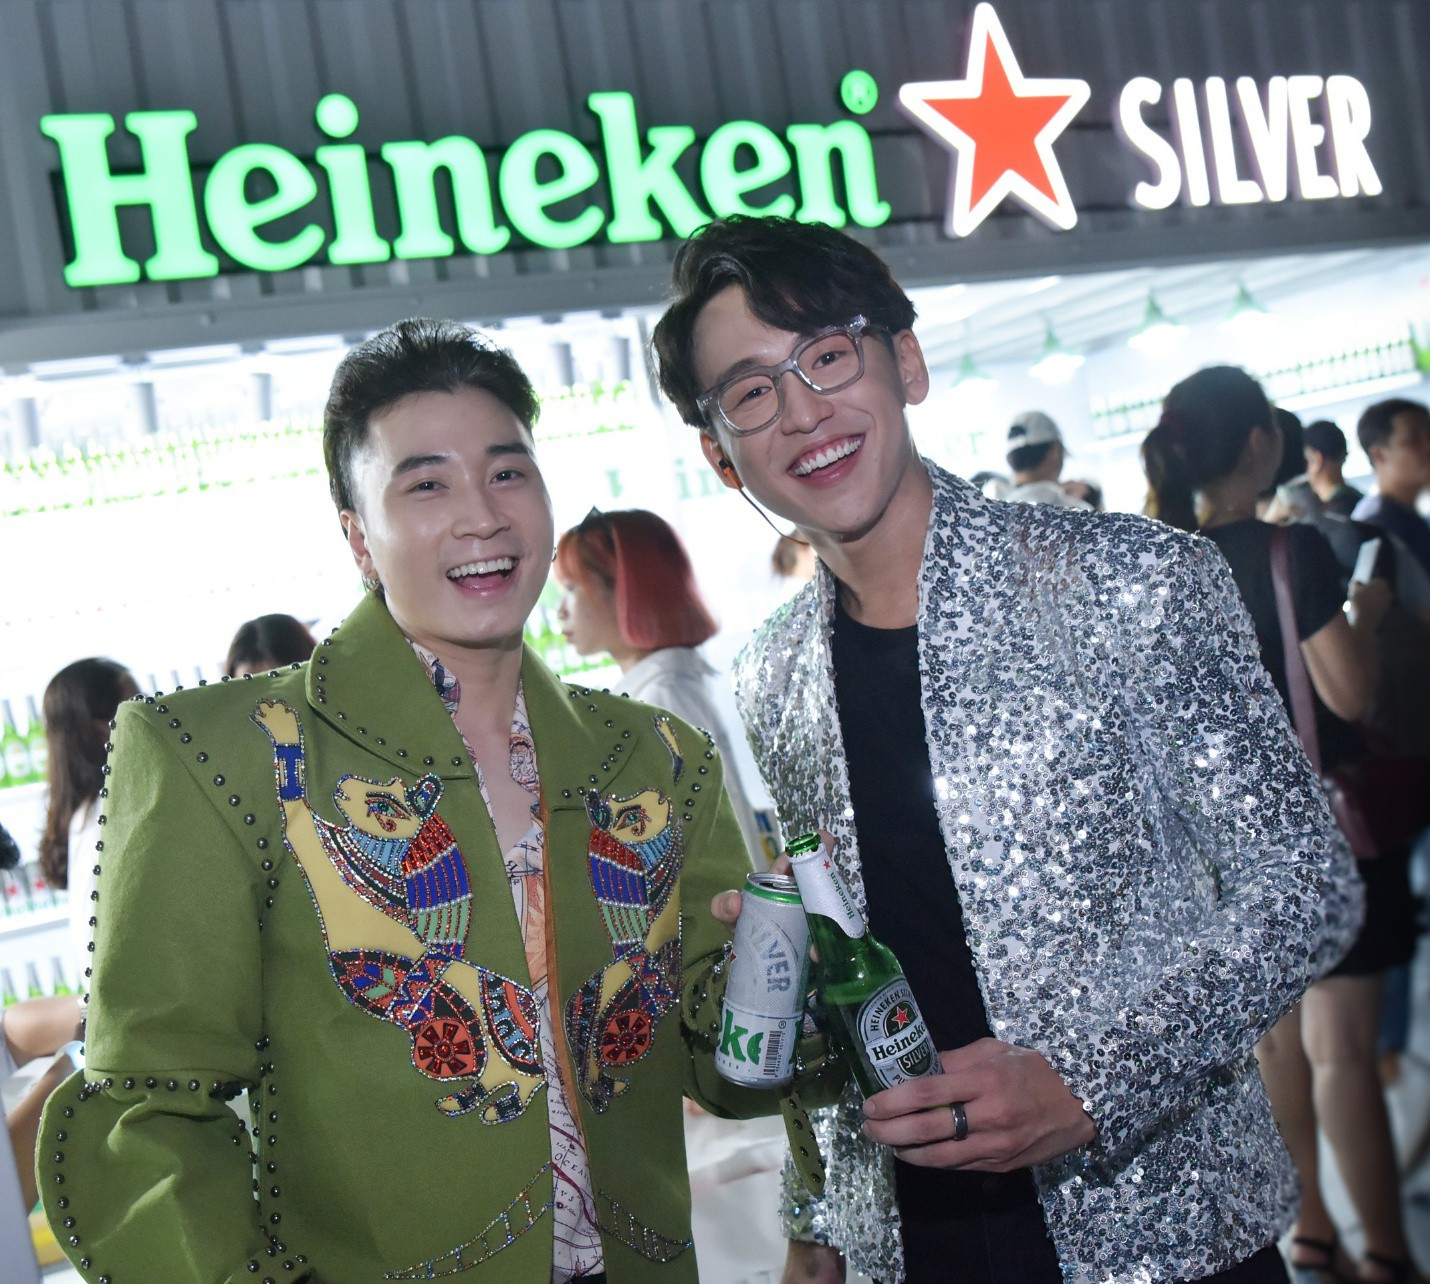 Đen Vâu, Châu Bùi quy tụ trong đại tiệc ra mắt Heineken Silver cực hoành tráng - Ảnh 12.